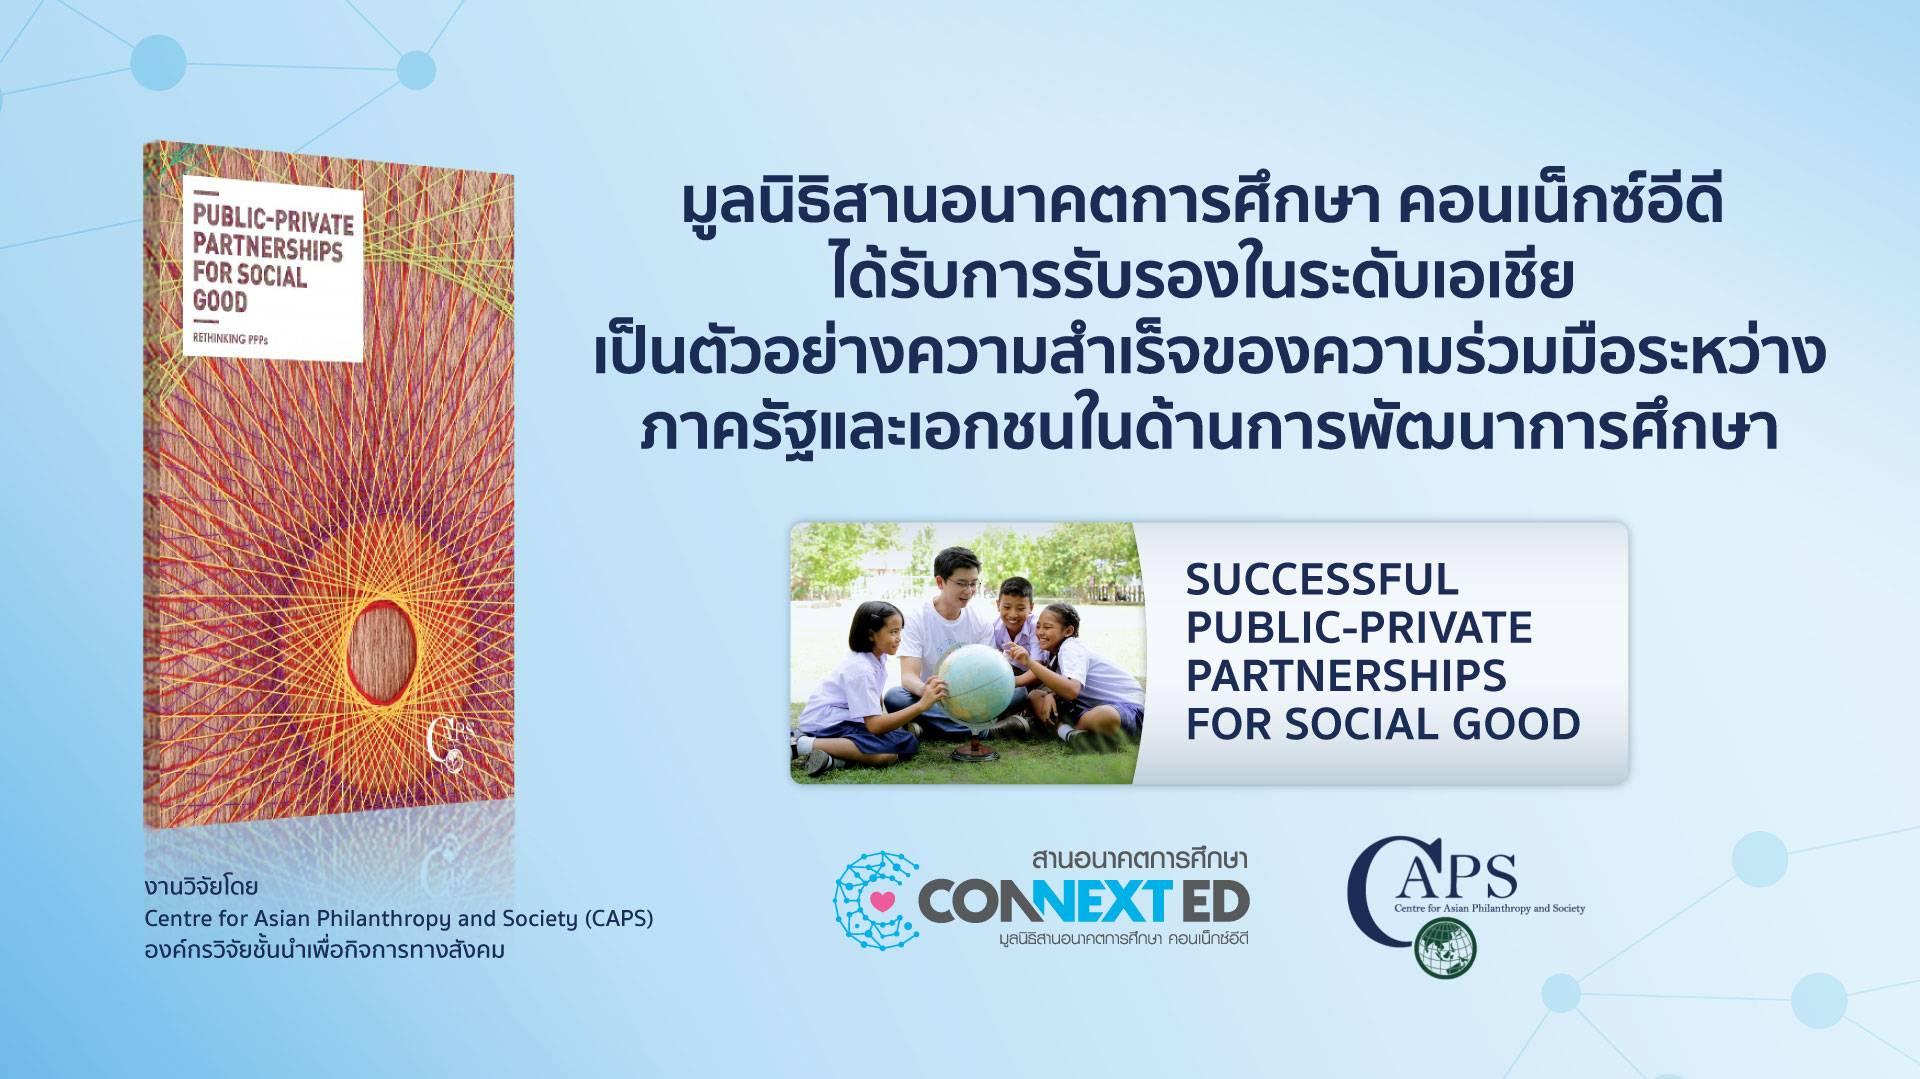 มูลนิธิสานอนาคตการศึกษา คอนเน็กซ์อีดี ประสบความสำเร็จในระดับเอเชีย